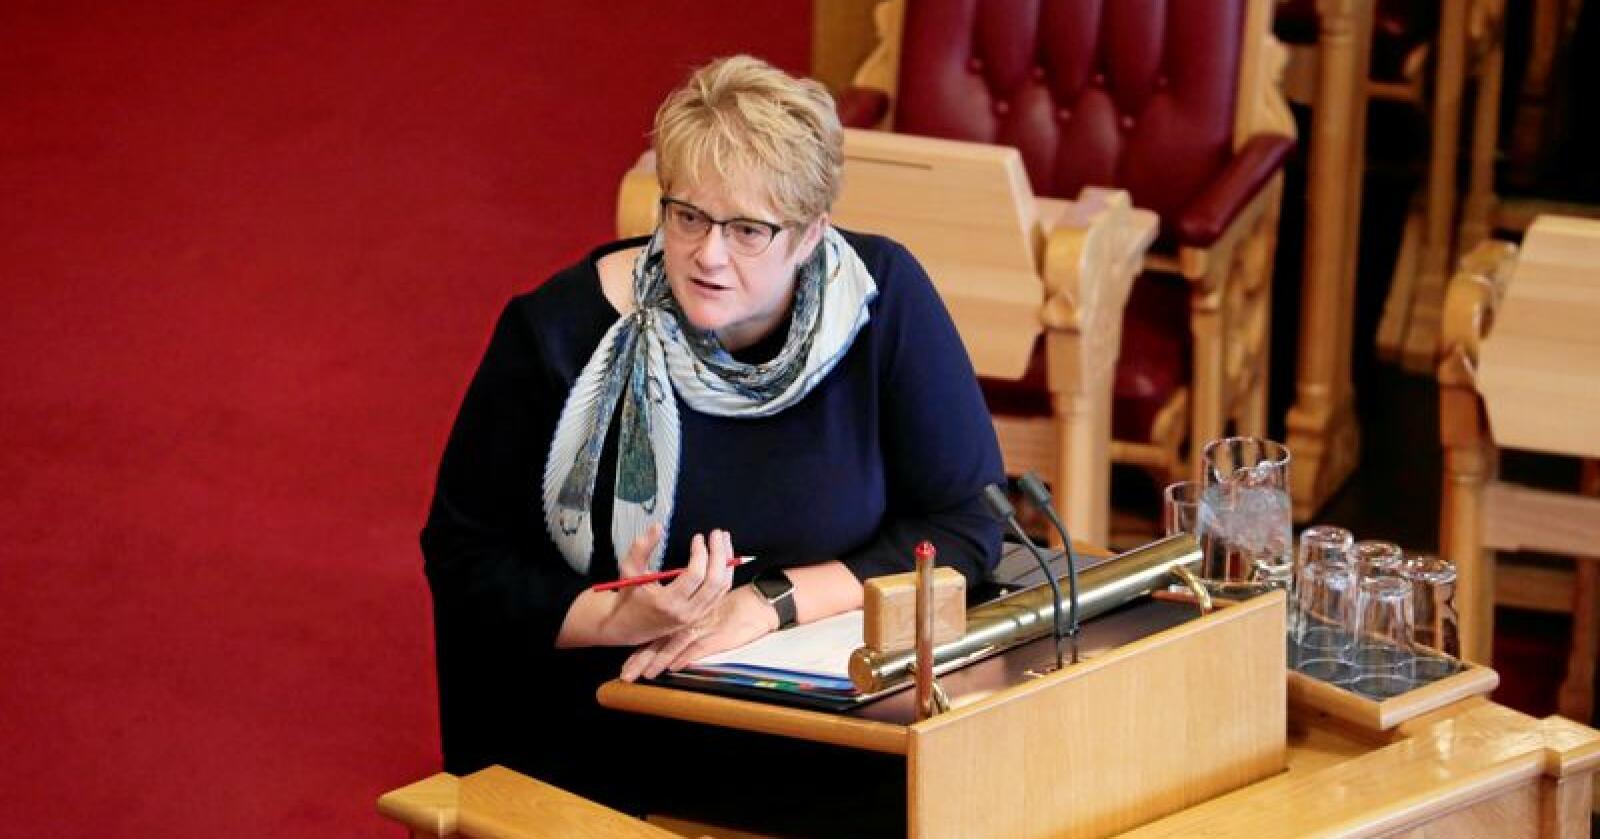 Kulturminister Trine Skei Grande (V) under den muntlige spørretimen i Stortinget onsdag. Foto: Cornelius Poppe / NTB scanpix